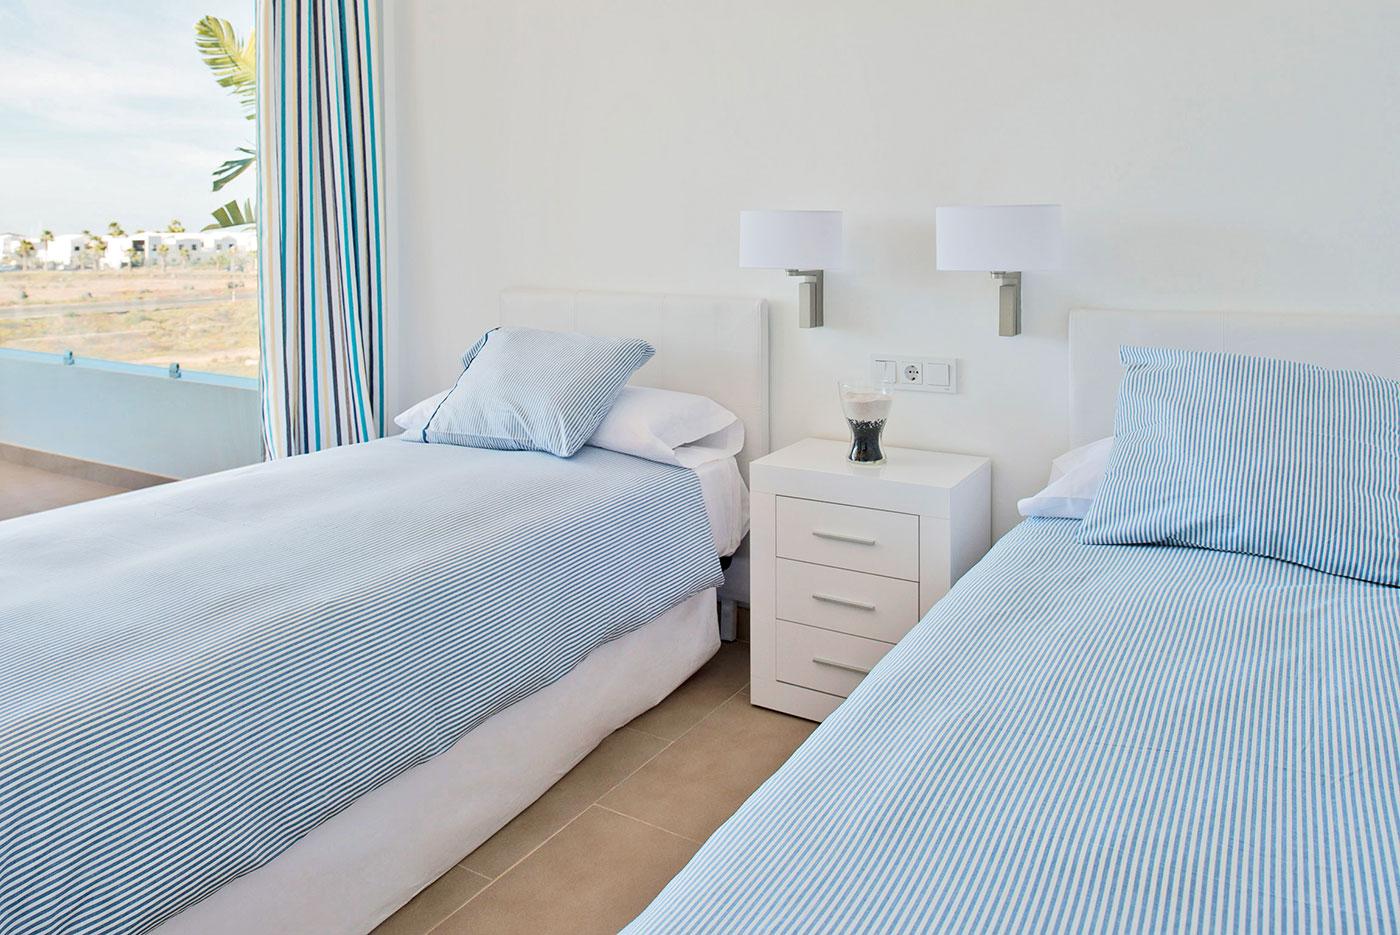 Villas-de-la-Marina-twin-bedroom-sea-view